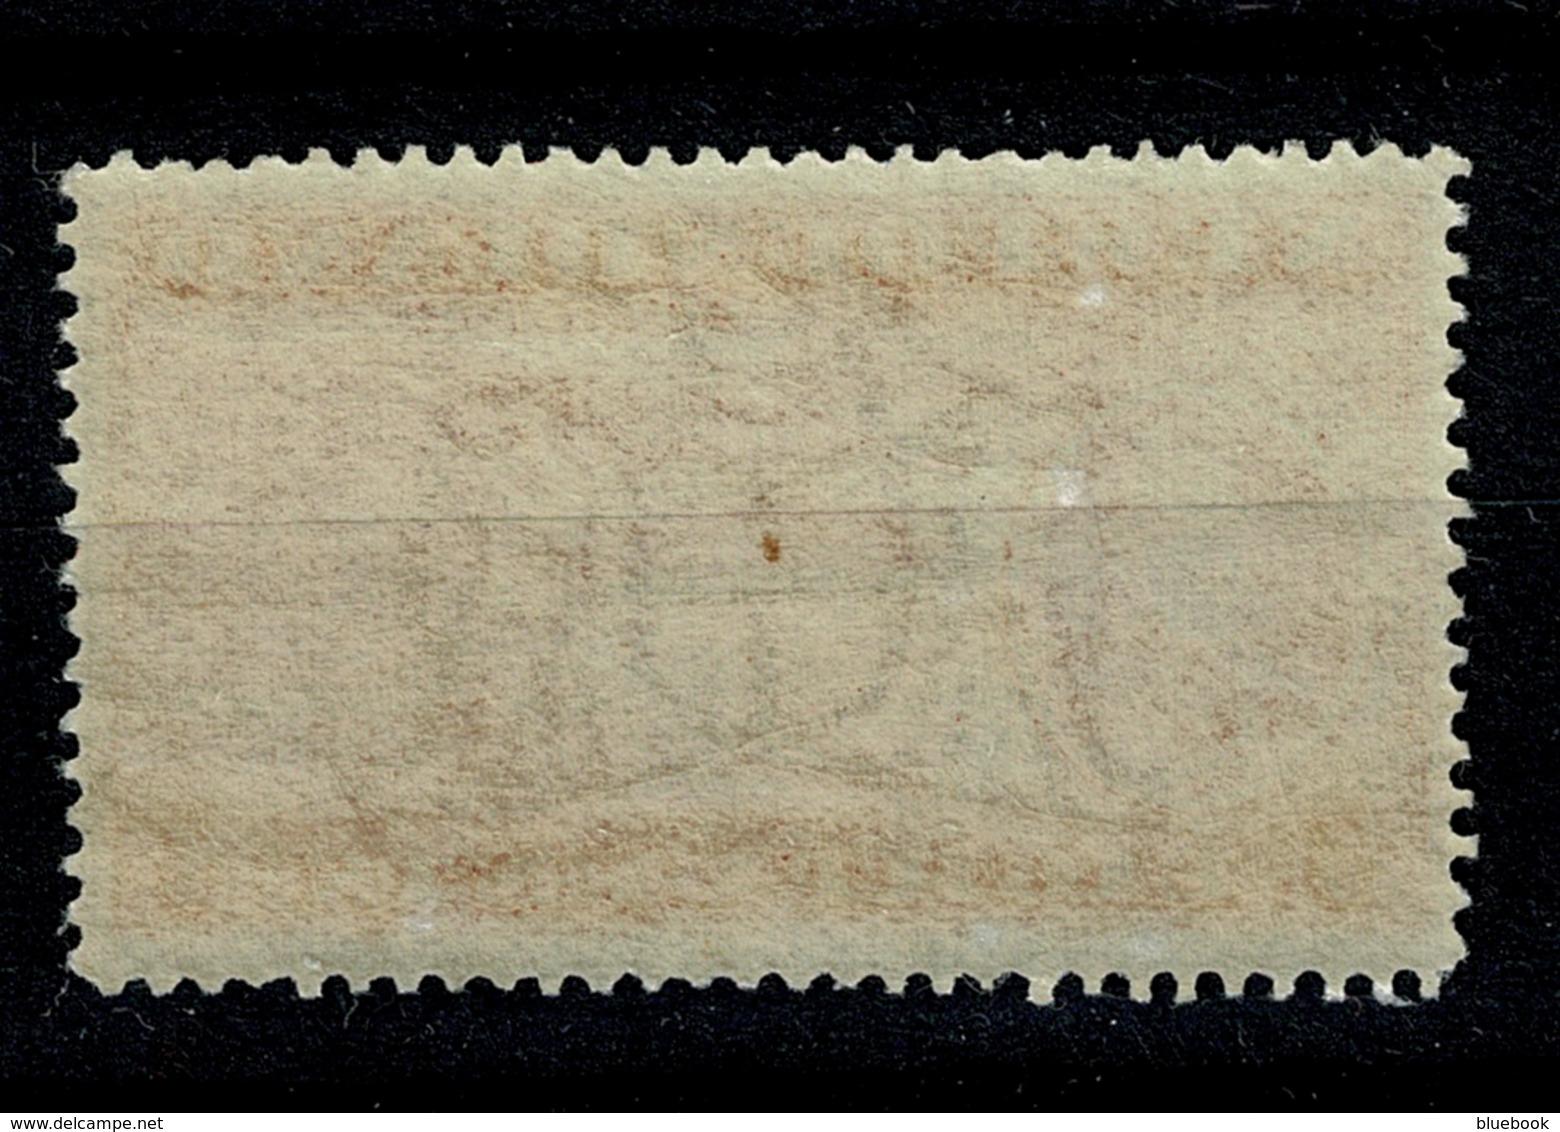 Ref 1289 - Canada Newfoundland 1937 Coronation 8c - SG 260 MNH Stamp - Newfoundland